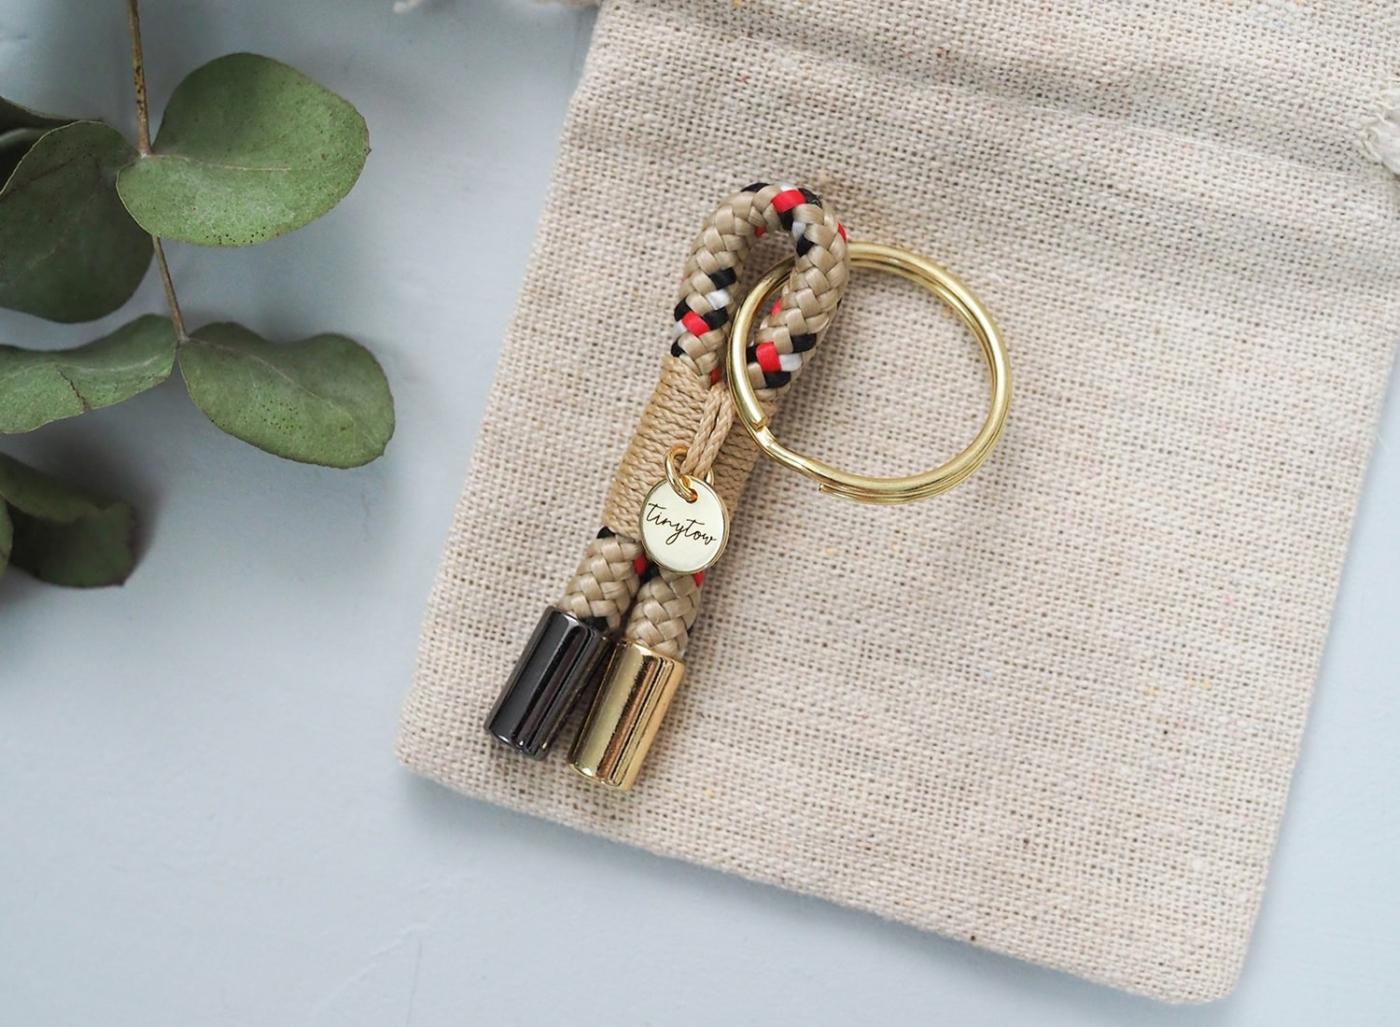 Niedlicher kleiner Schlüsselanhänger aus Tau im Burberry-Look mit beige-rotem Schottenkaro und goldenen Details.